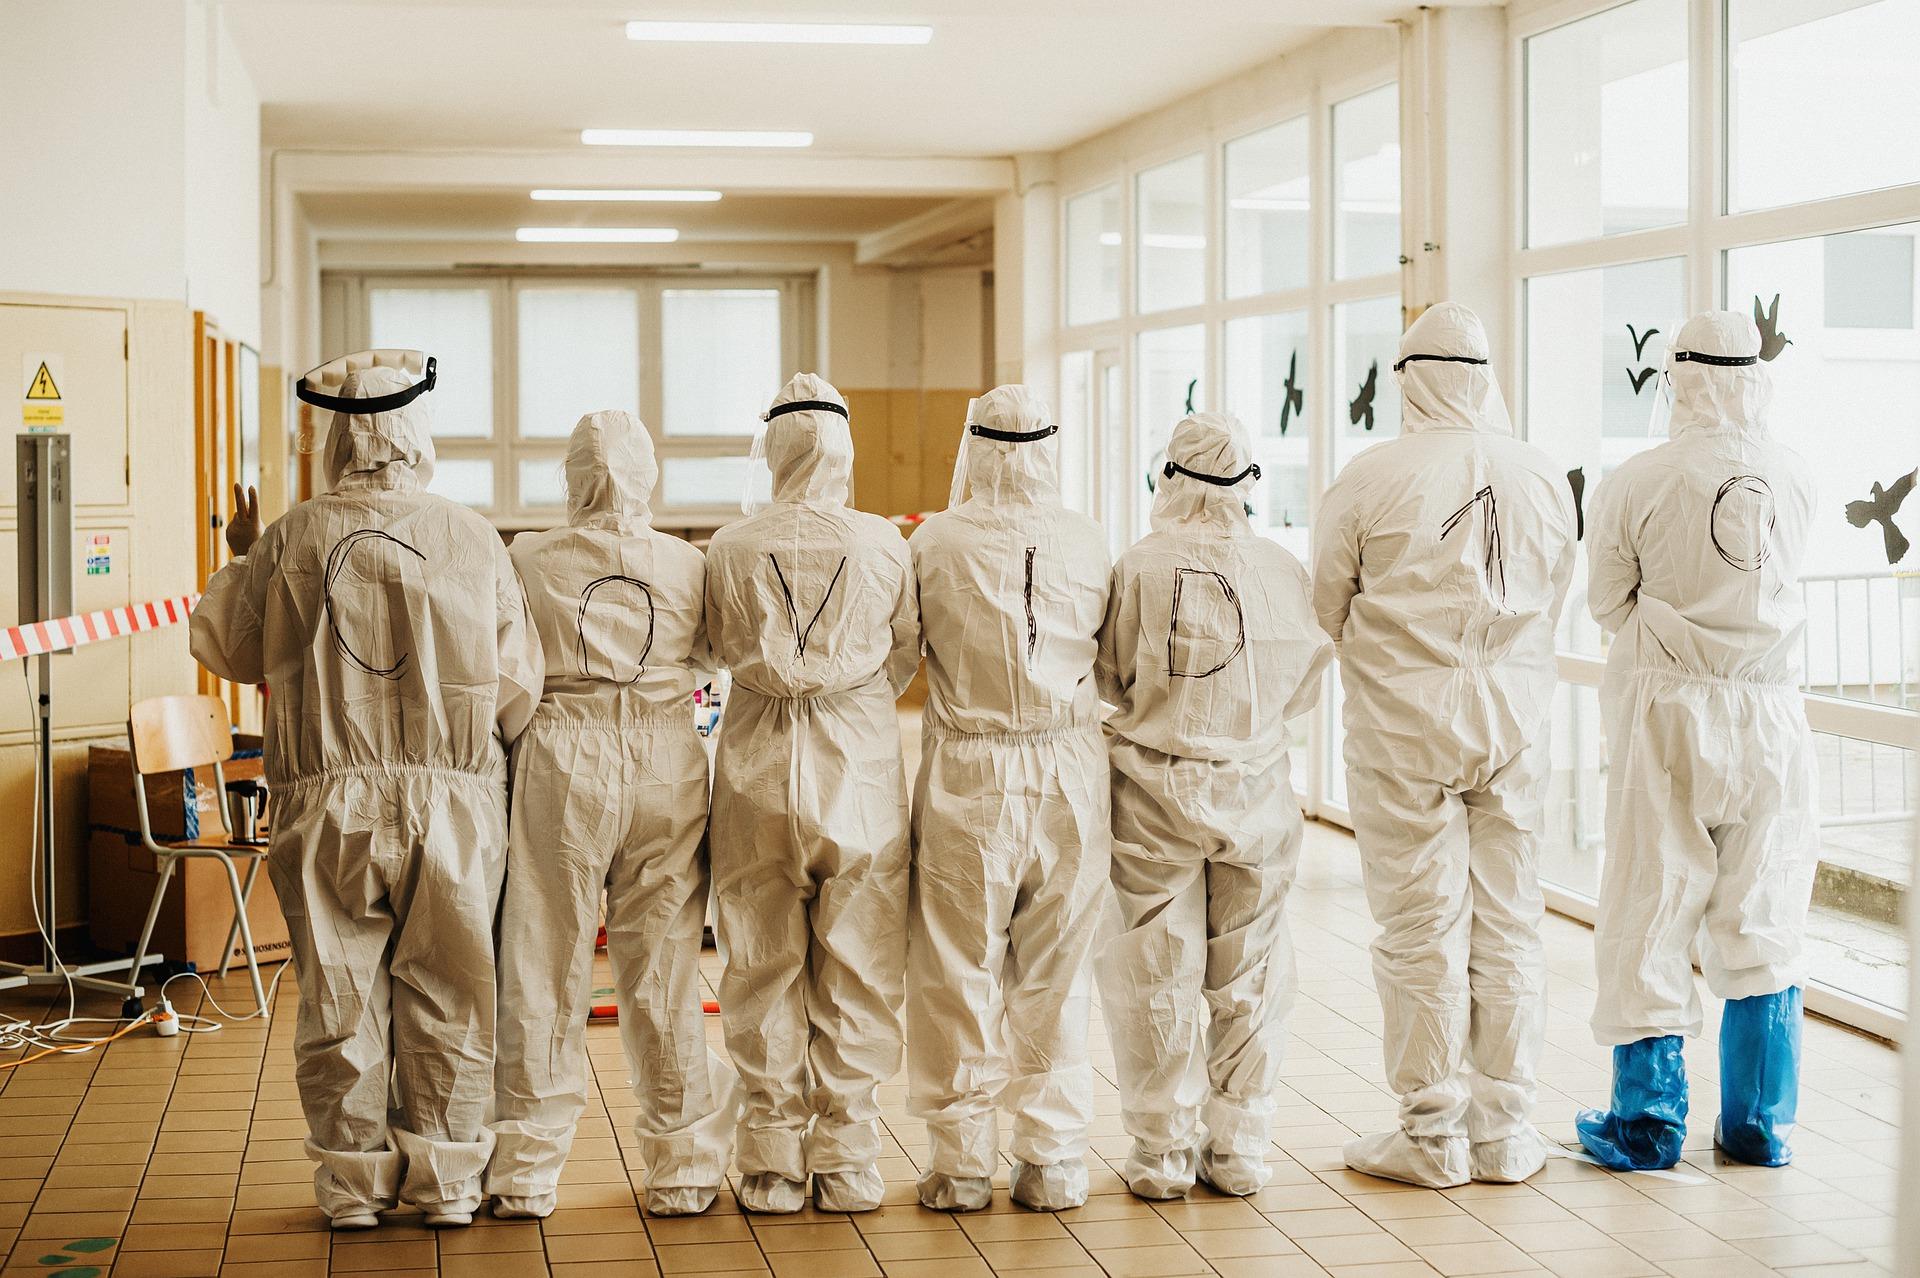 Infungibilità della professione infermieristica durante l'emergenza Covid 19: riflessioni dei giovani infermieri di Torino